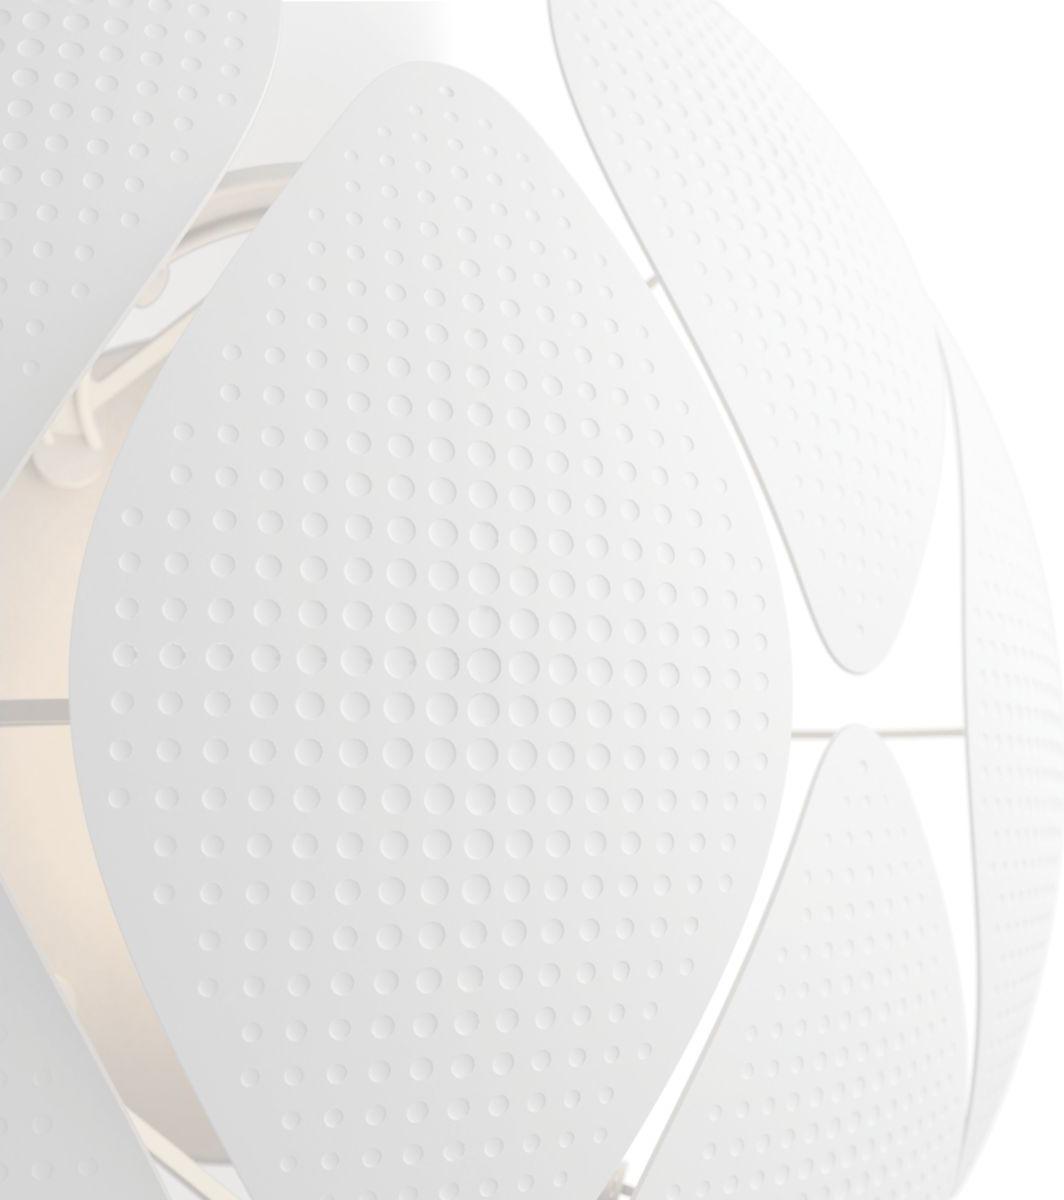 Philips LED Wandleuchte E27 10W Chiffon Tageslicht 40963/31/PN